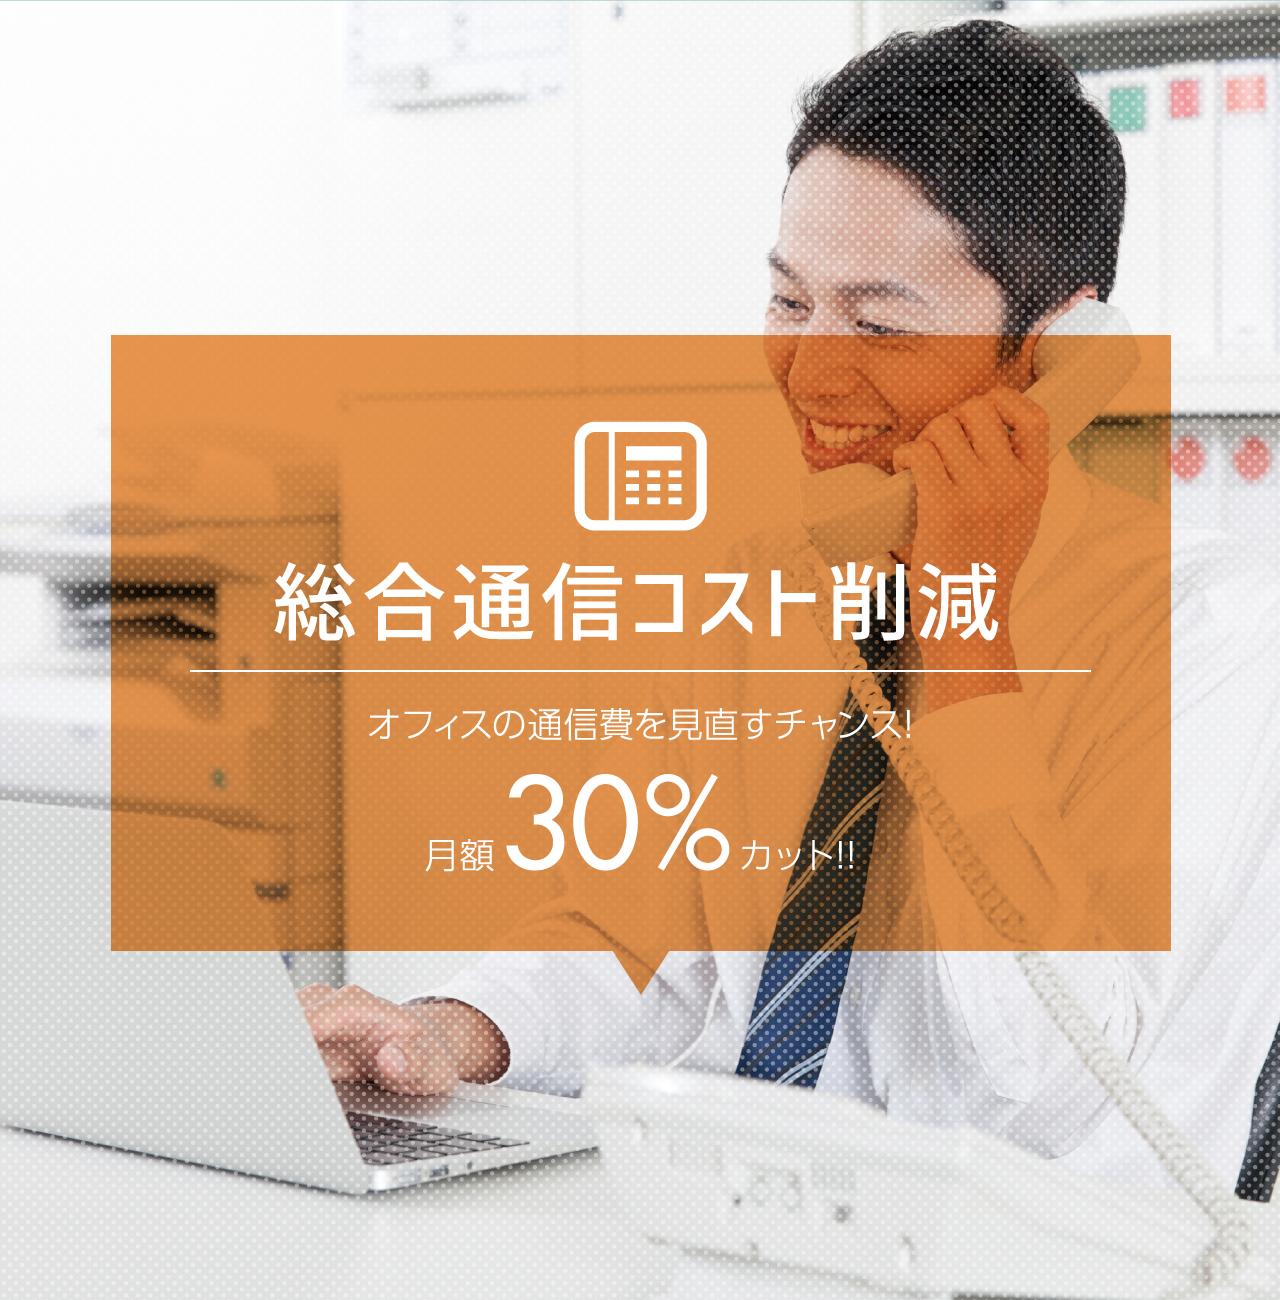 総合通信コスト削減。オフィスの通信費を見直すチャンス!月額30%カット!!